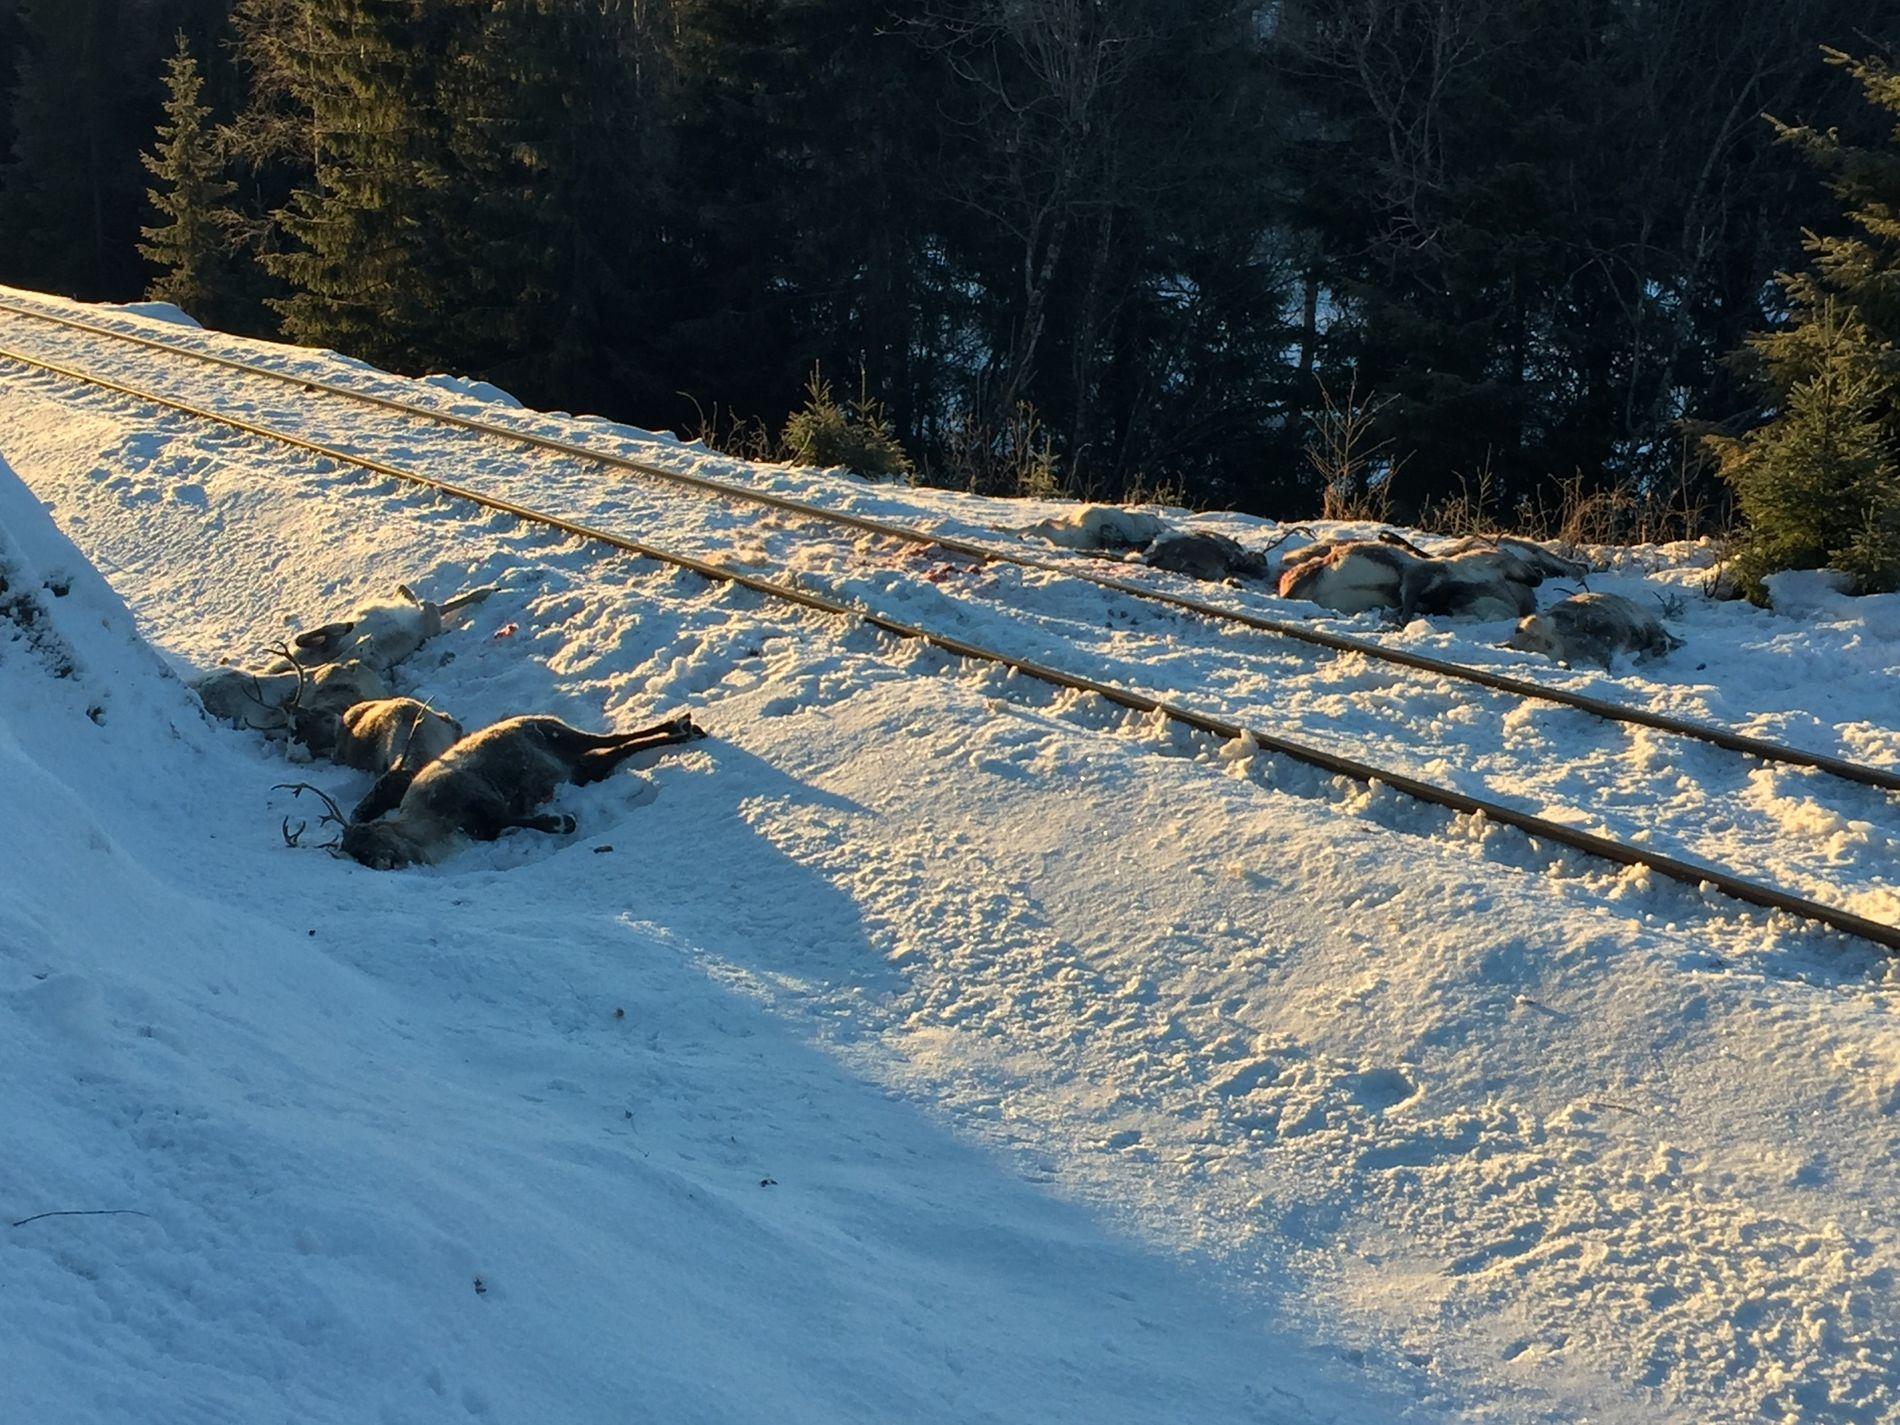 MEID NED: Trolig har minst 95 reinsdyr blitt drept av tog i helgen på grunn av en teknisk feil. – Helt forferdelig. En alvorlig dyrevernssak, sier Carola Karl Urvik i Vefsn kommunestyre til Helgelendingen.